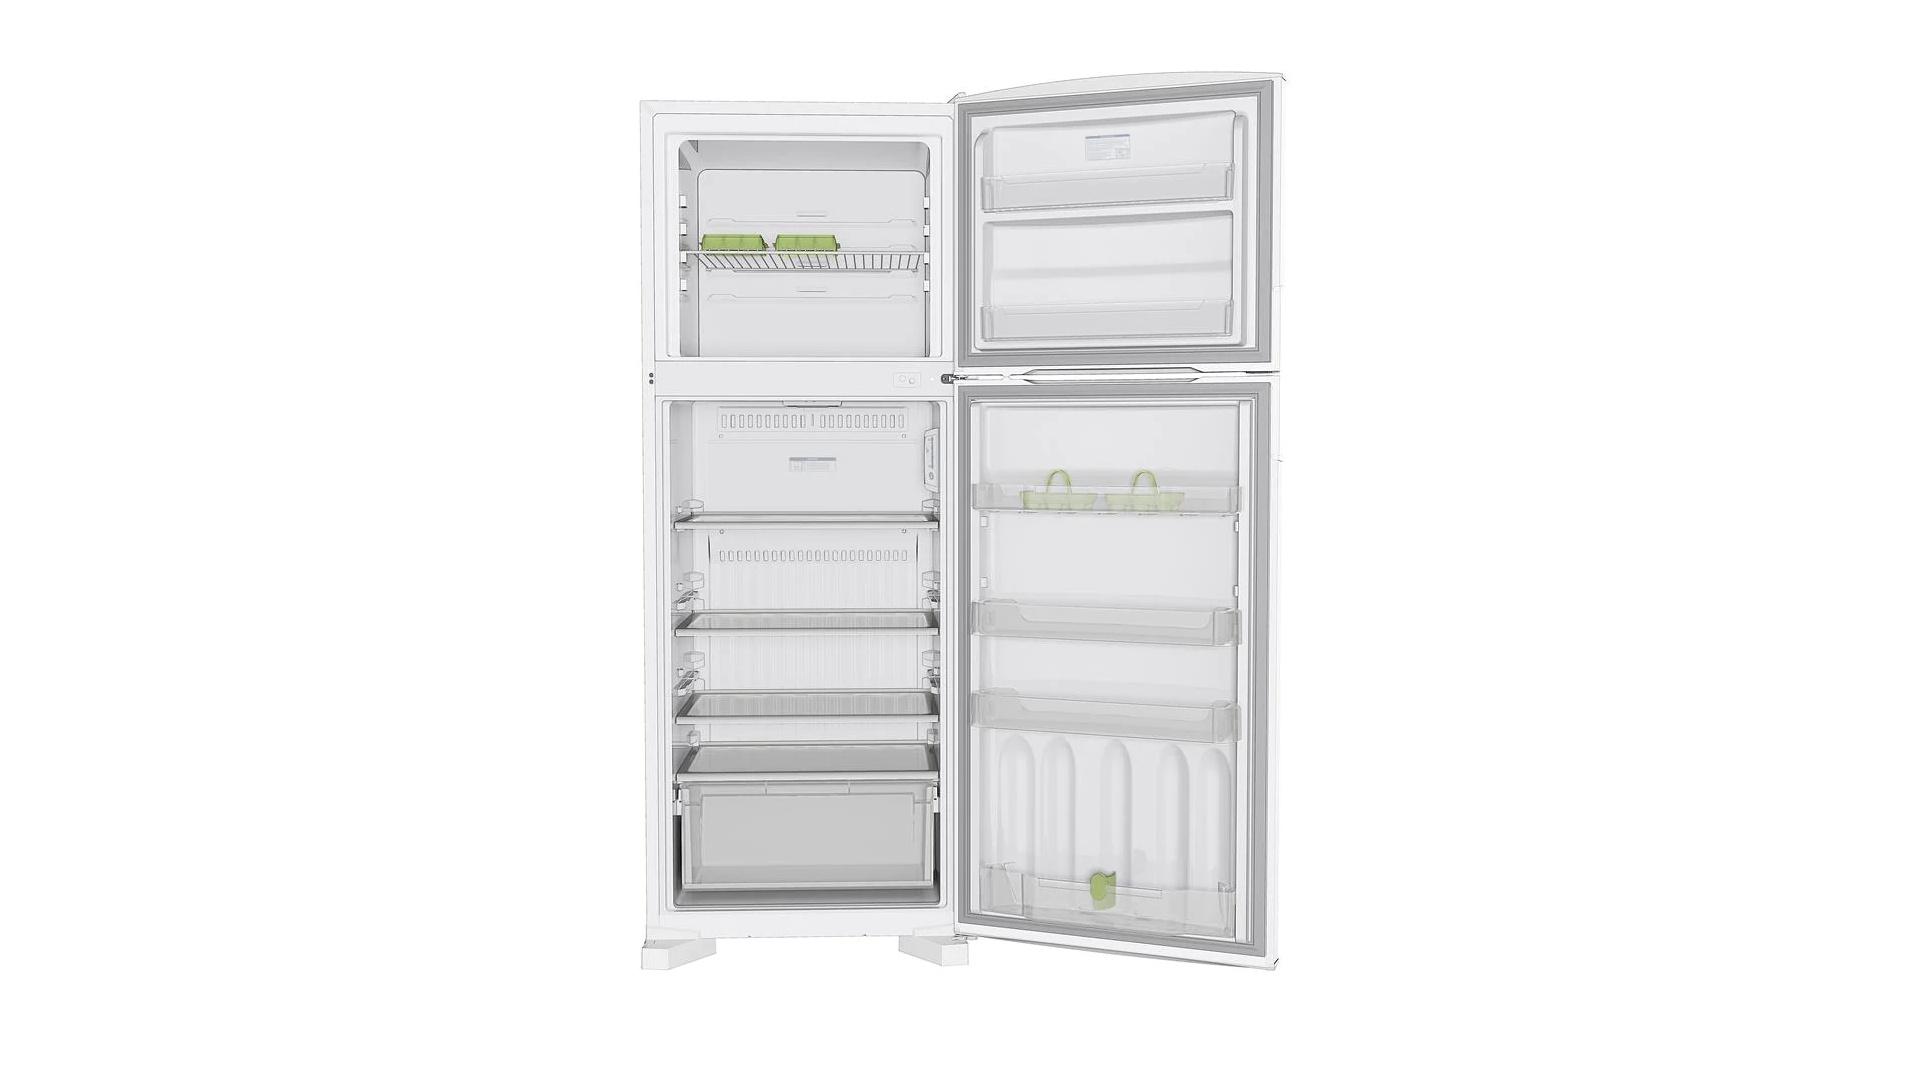 Com 451 Litros, a geladeira Consul CRD49AB armazena alimentos para até 5 pessoas (Imagem: Divulgação/Consul)